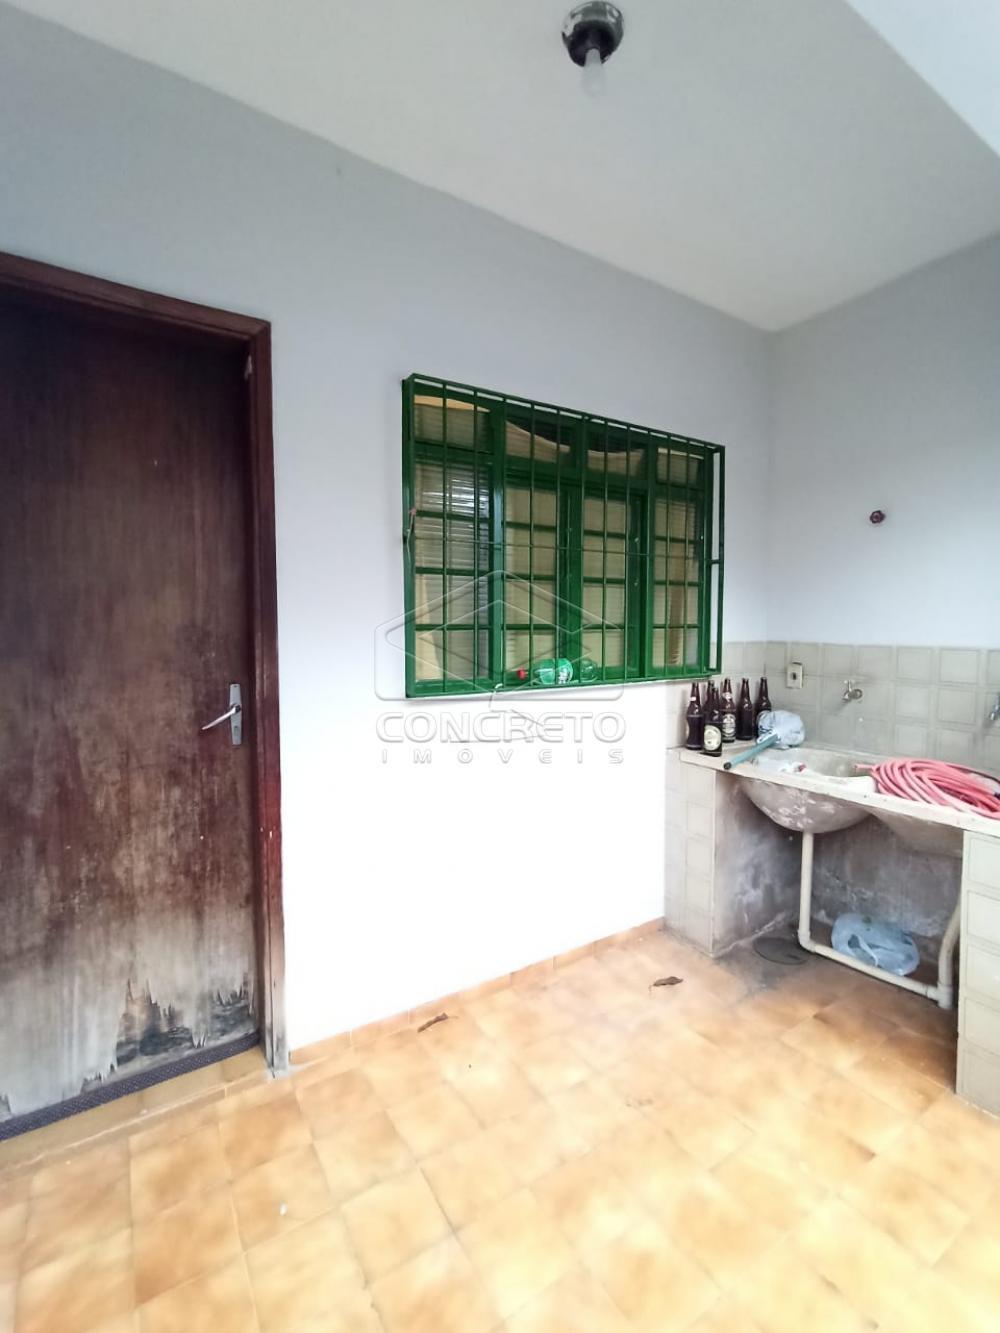 Alugar Casa / Padrão em Bauru apenas R$ 950,00 - Foto 10